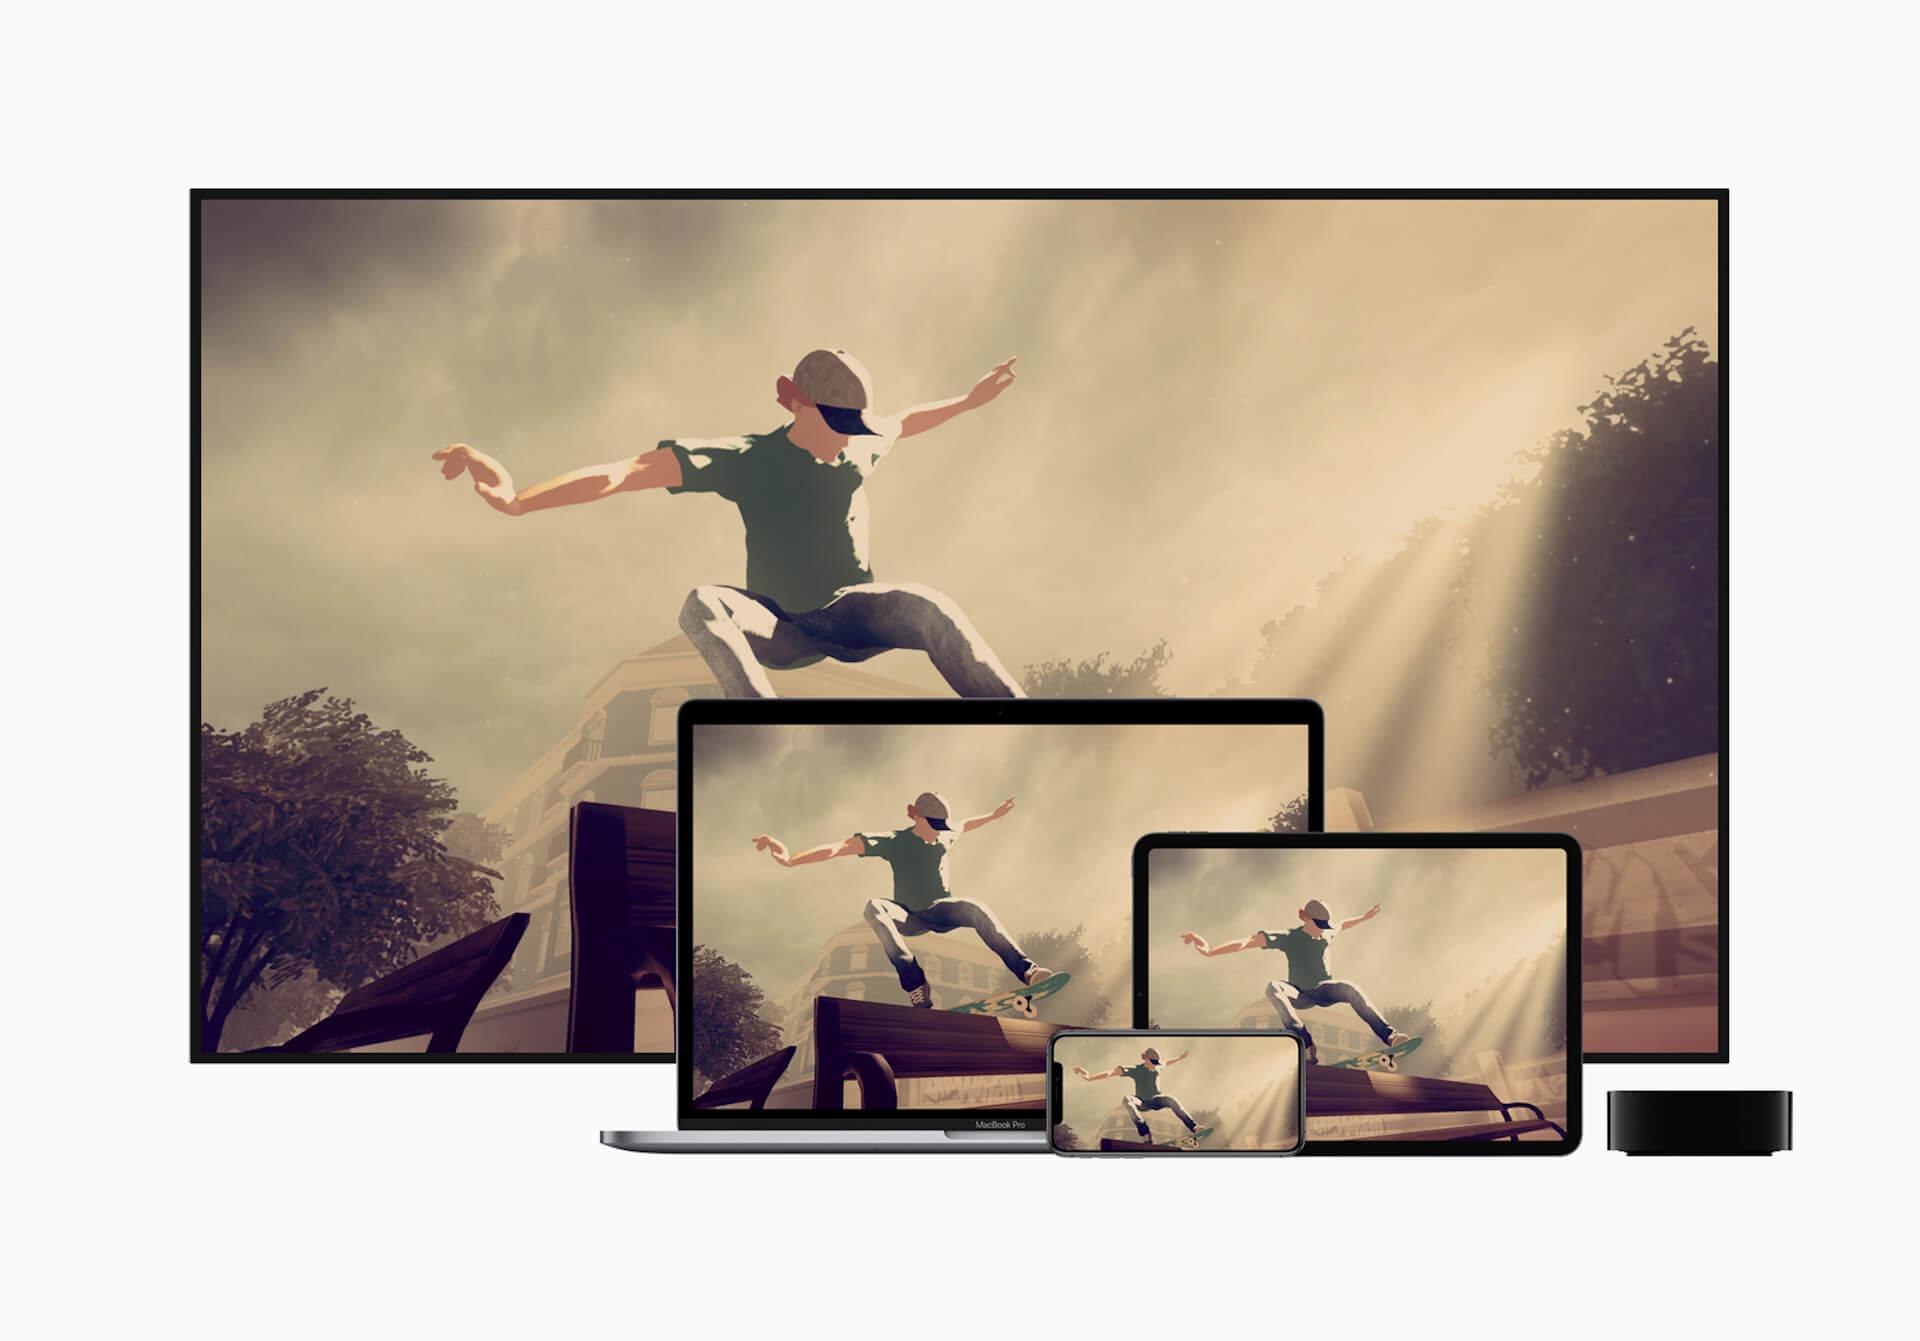 今年はiMac、MacBook Pro、HomePodなどApple新製品がまだまだ登場!?Apple関連情報の質疑応答が話題 tech200423_apple_main